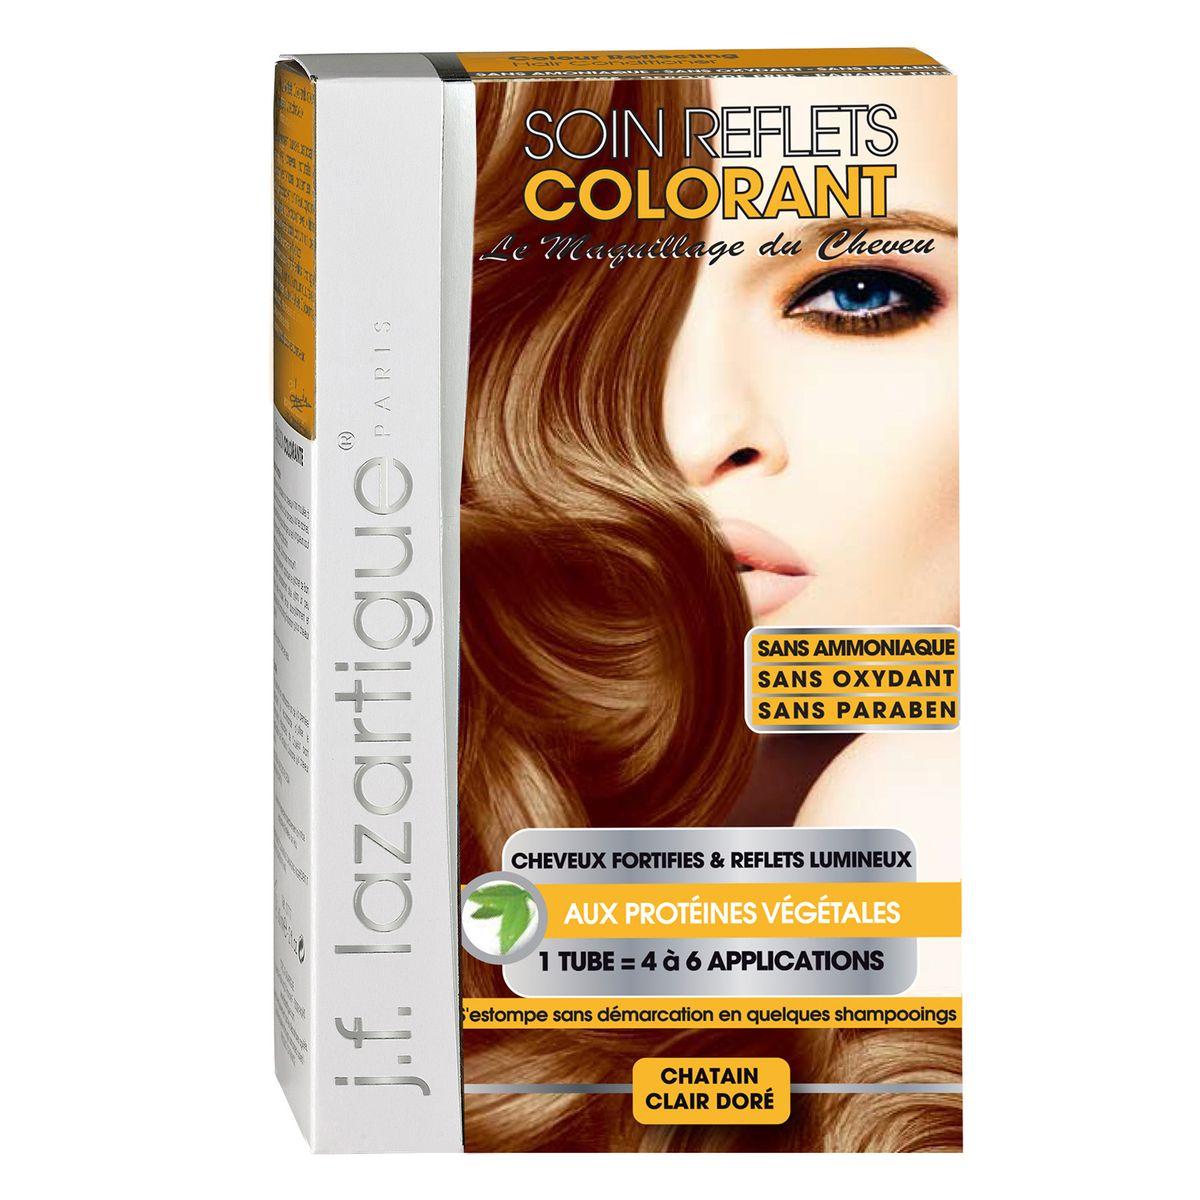 J.F.Lazartigue Оттеночный кондиционер для волос Золотистый светлый каштан 100 мл61627Оттеночный кондиционер J.F.LAZARTIGUE – это лечебный макияж для Ваших волос. Два эффекта: кондиционирование волос и легкий оттенок. Особенности: придает новый или более теплый (или холодный) оттенок, делает тон темнее или акцентирует цвет, оживляет естественный цвет или придает яркость тусклым и выцветшим на солнце волосам. Закрашивает небольшой процент седины! После мытья волос шампунем (3-6 раз) смывается. Для достижения индивидуального оттенка можно смешать два разных кондиционера: добавить к выбранному ТЕМНЫЙ РЫЖИЙ (Auburn), МЕДНЫЙ (Copper) и т.п. Не осветляет волосы. Не содержит аммиака и перекиси водорода. Не содержит парабенов. Не предназначен для окрашивания бровей и ресниц.